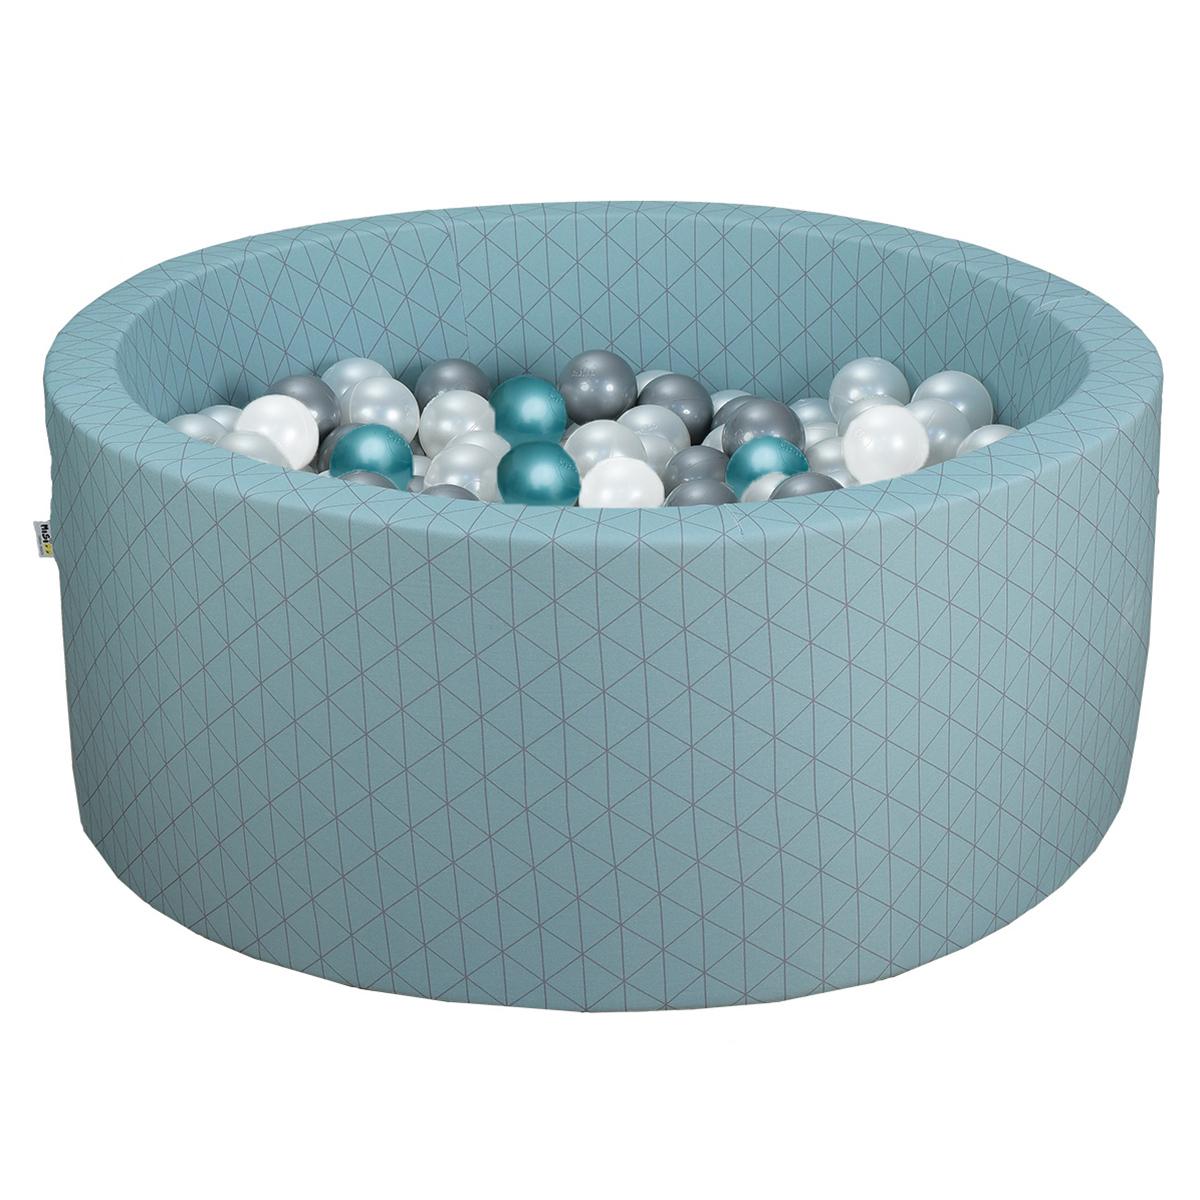 Mes premiers jouets Piscine à Balles Ronde Graphic Chic & Vert de Gris 90 x 40 cm + 200 Balles